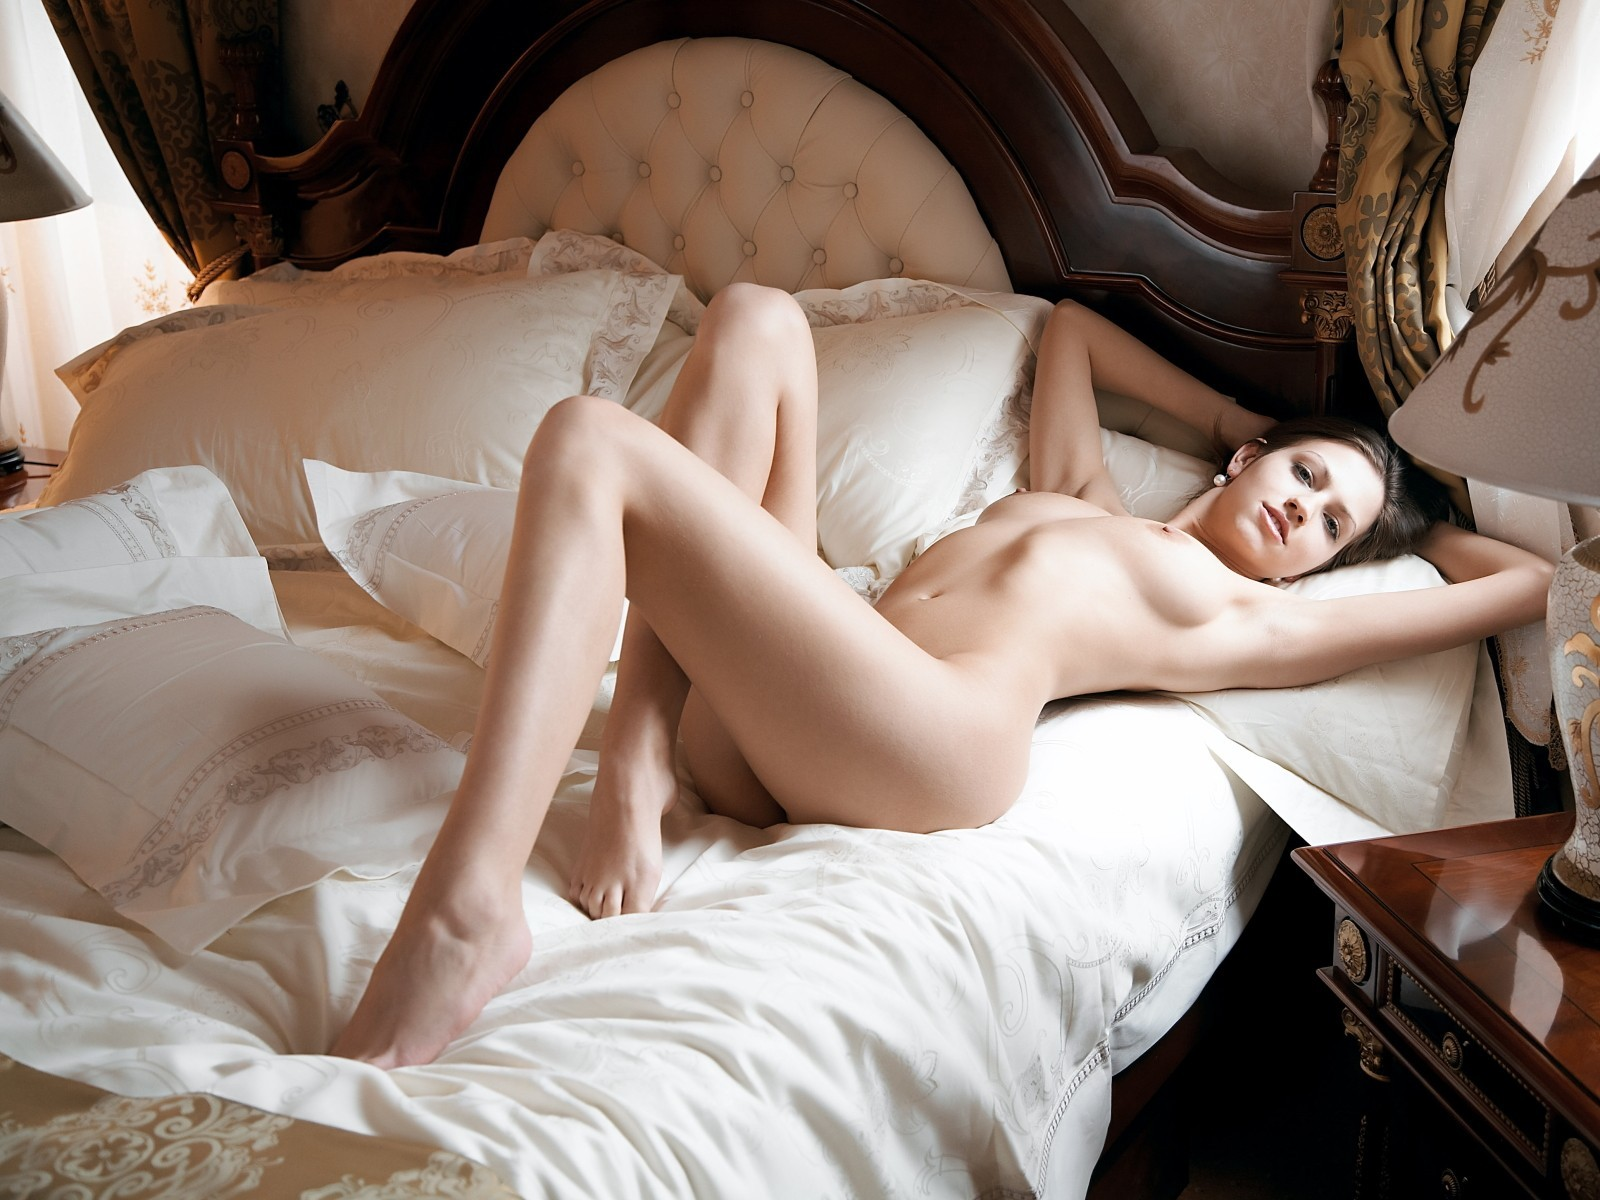 подборке видео голая утром в постели земной